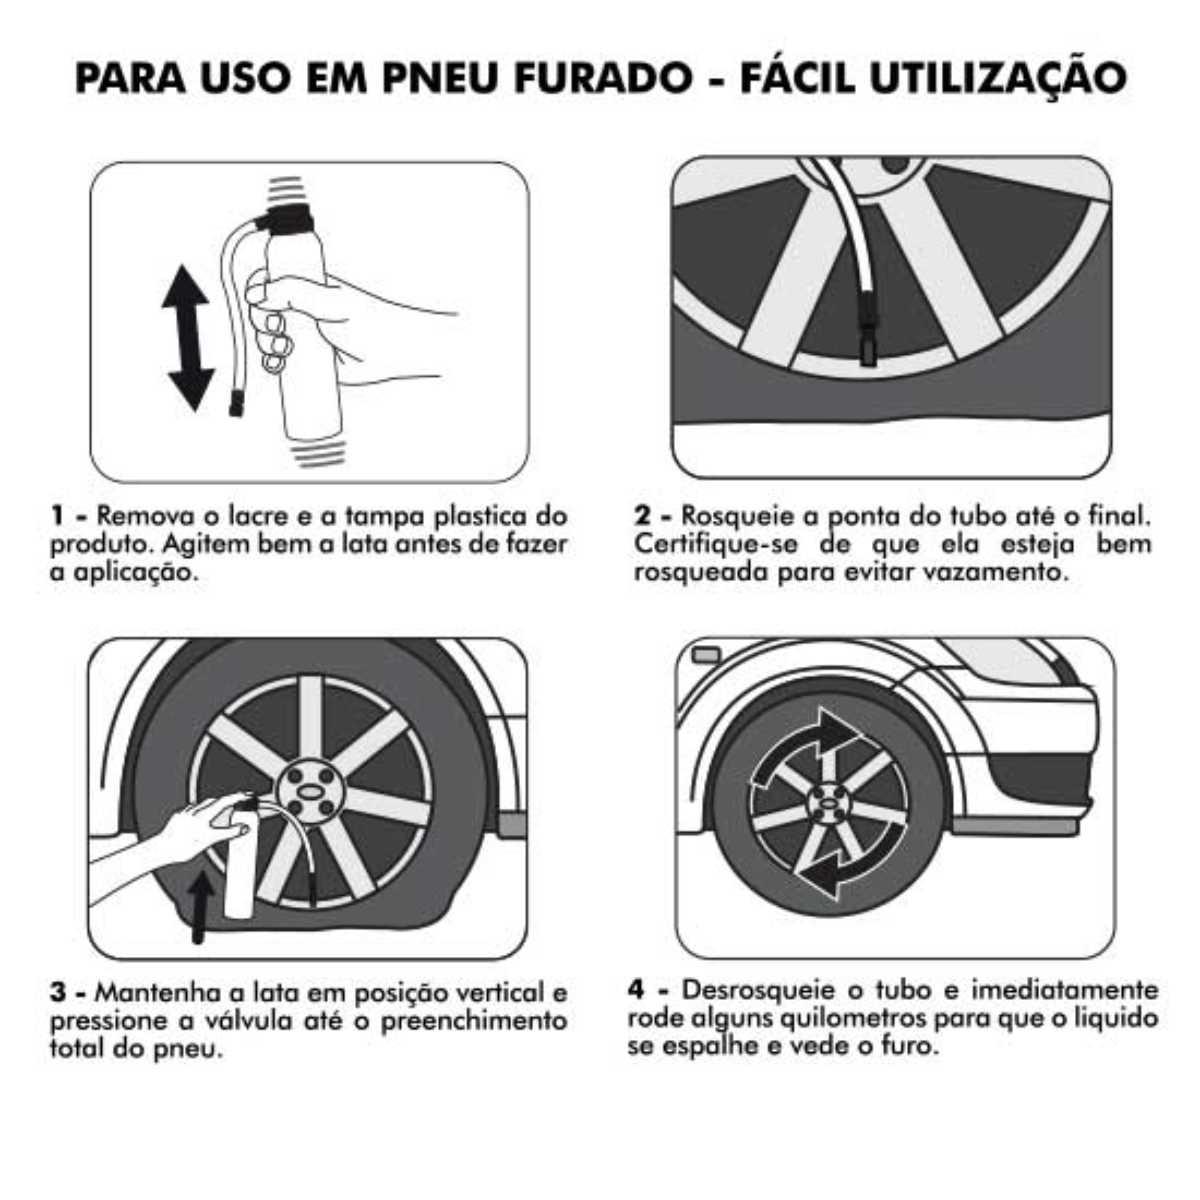 KIT 04 REPARADOR SELADOR DE PNEU DE CARRO FURADO BRANDY 300ML TIPO VACINA